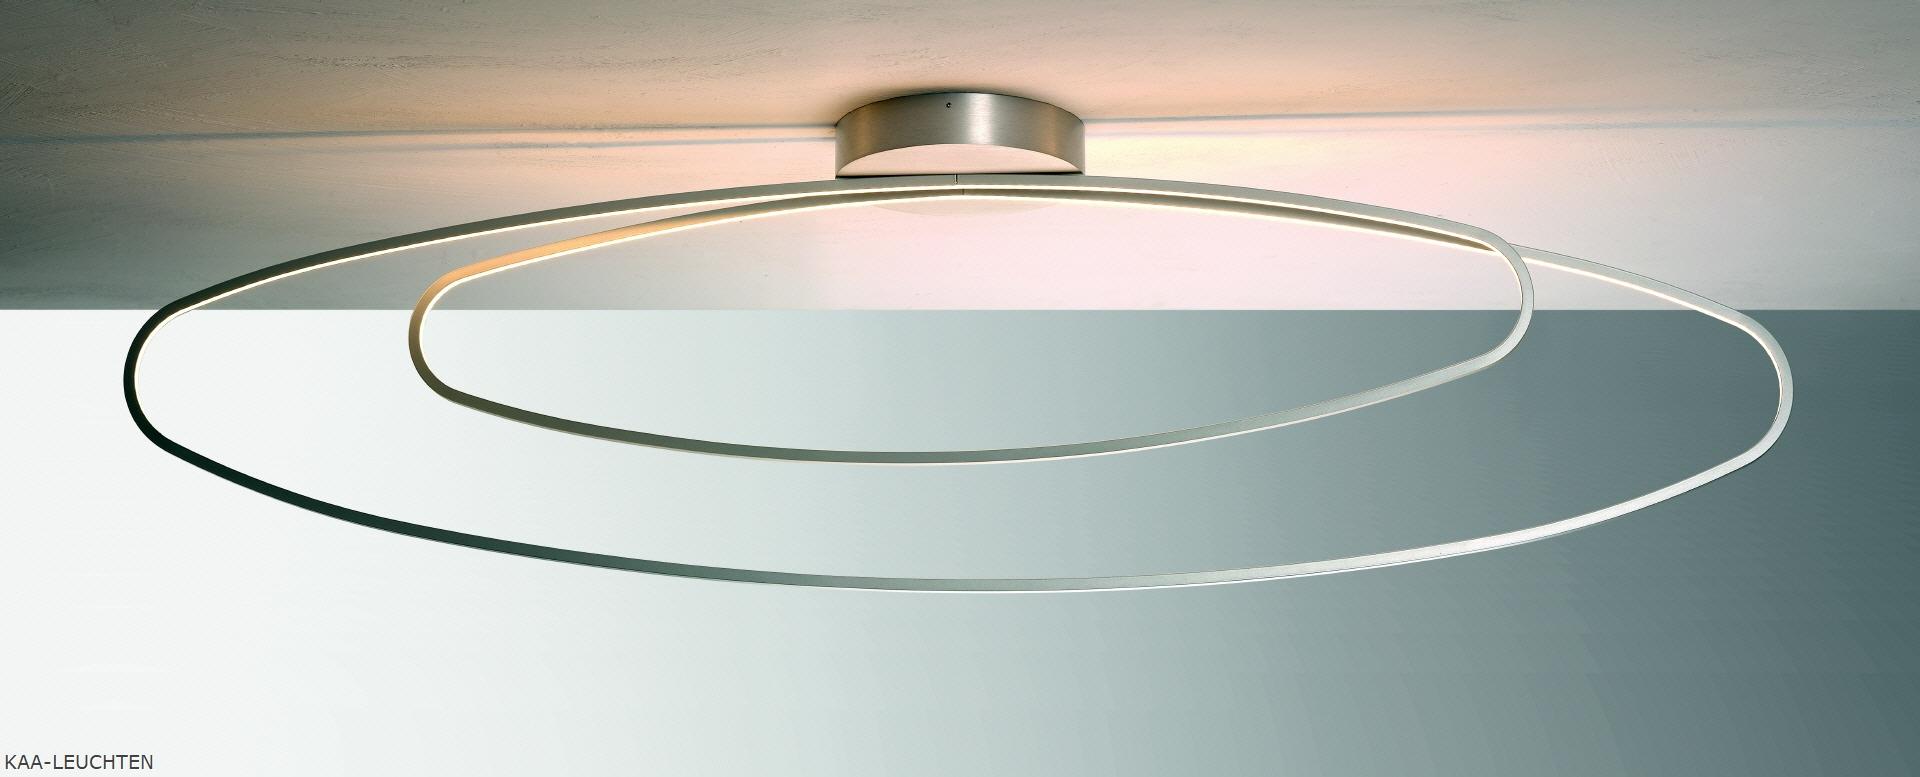 Deckenleuchte Indirekt Led : Led deckenleuchte indirekt kreatif von zu hause design ideen